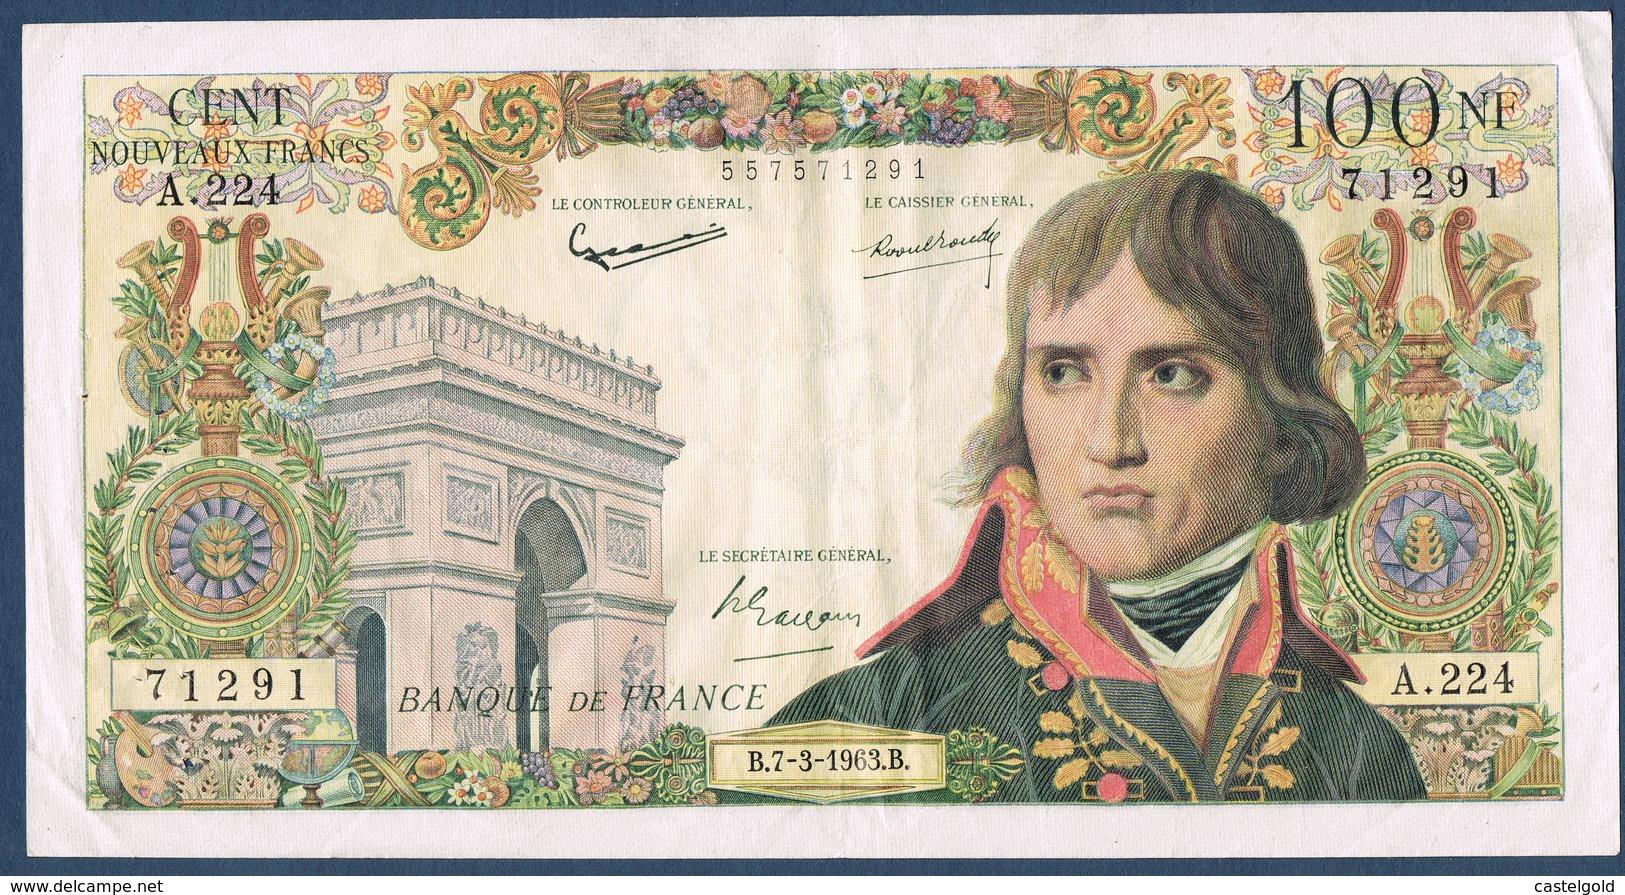 FRANCE 100 NOUVEAUX FRANCS BONAPARTE Fayette 59.20 N° 71291 A.224 En TTB - 1959-1966 Nouveaux Francs